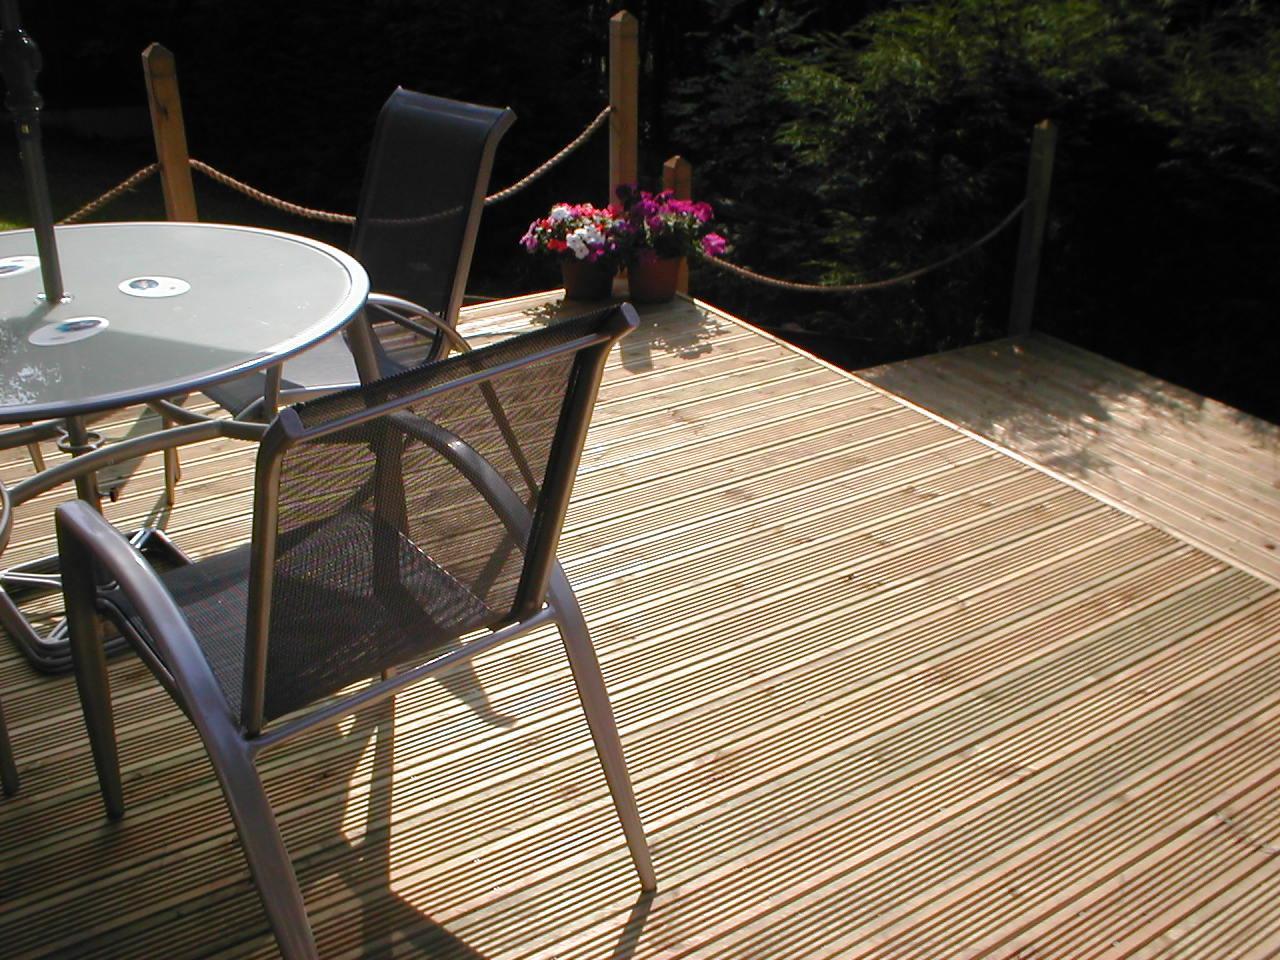 nimble_asset_decked-garden-2-1489355